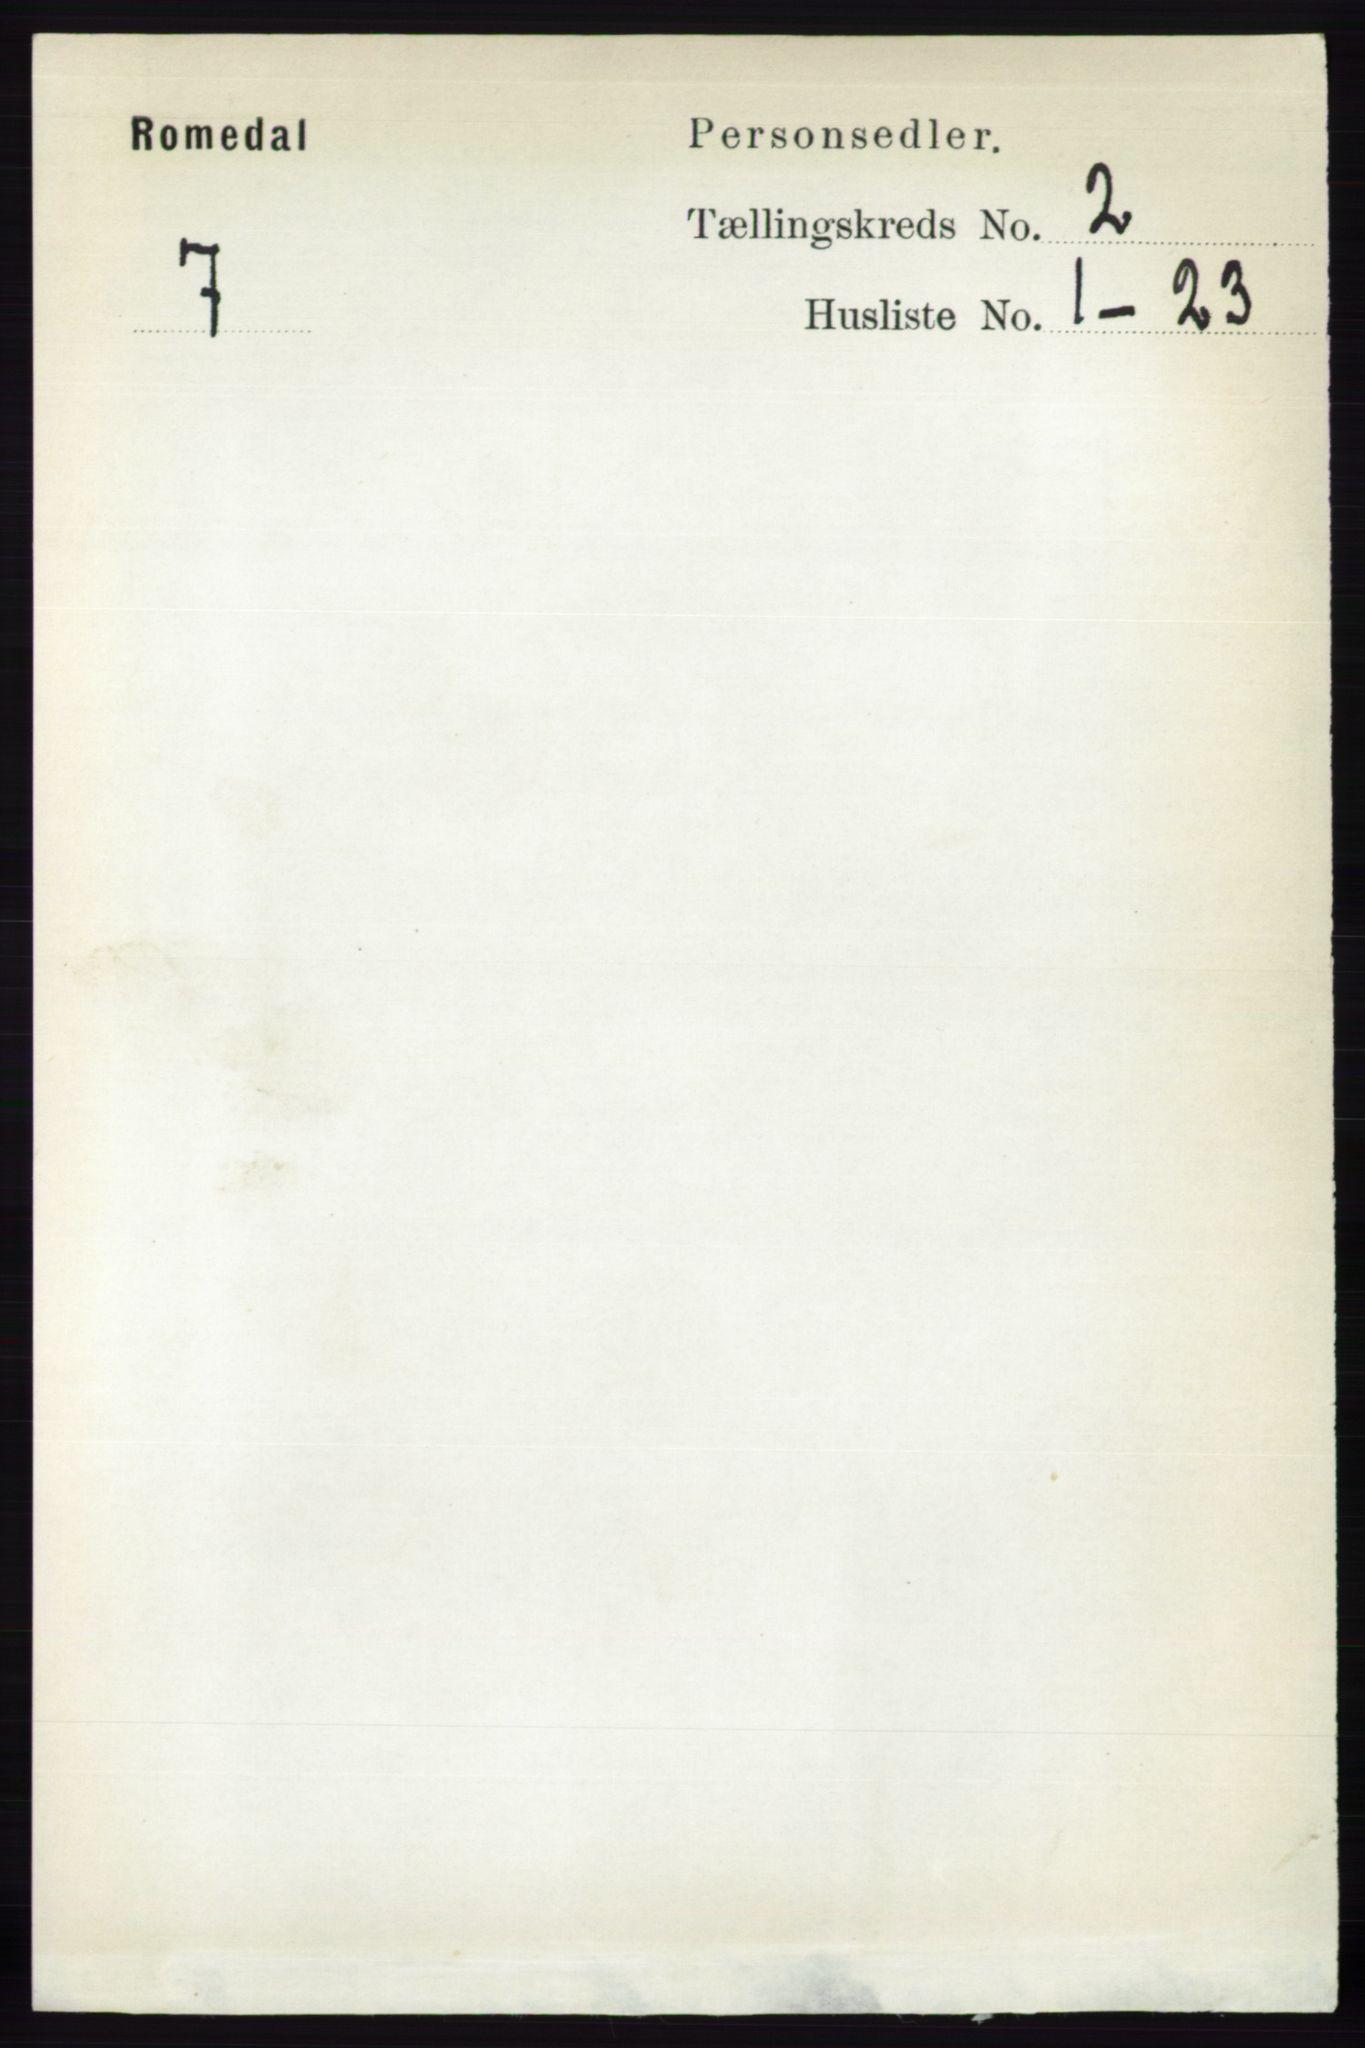 RA, Folketelling 1891 for 0416 Romedal herred, 1891, s. 847